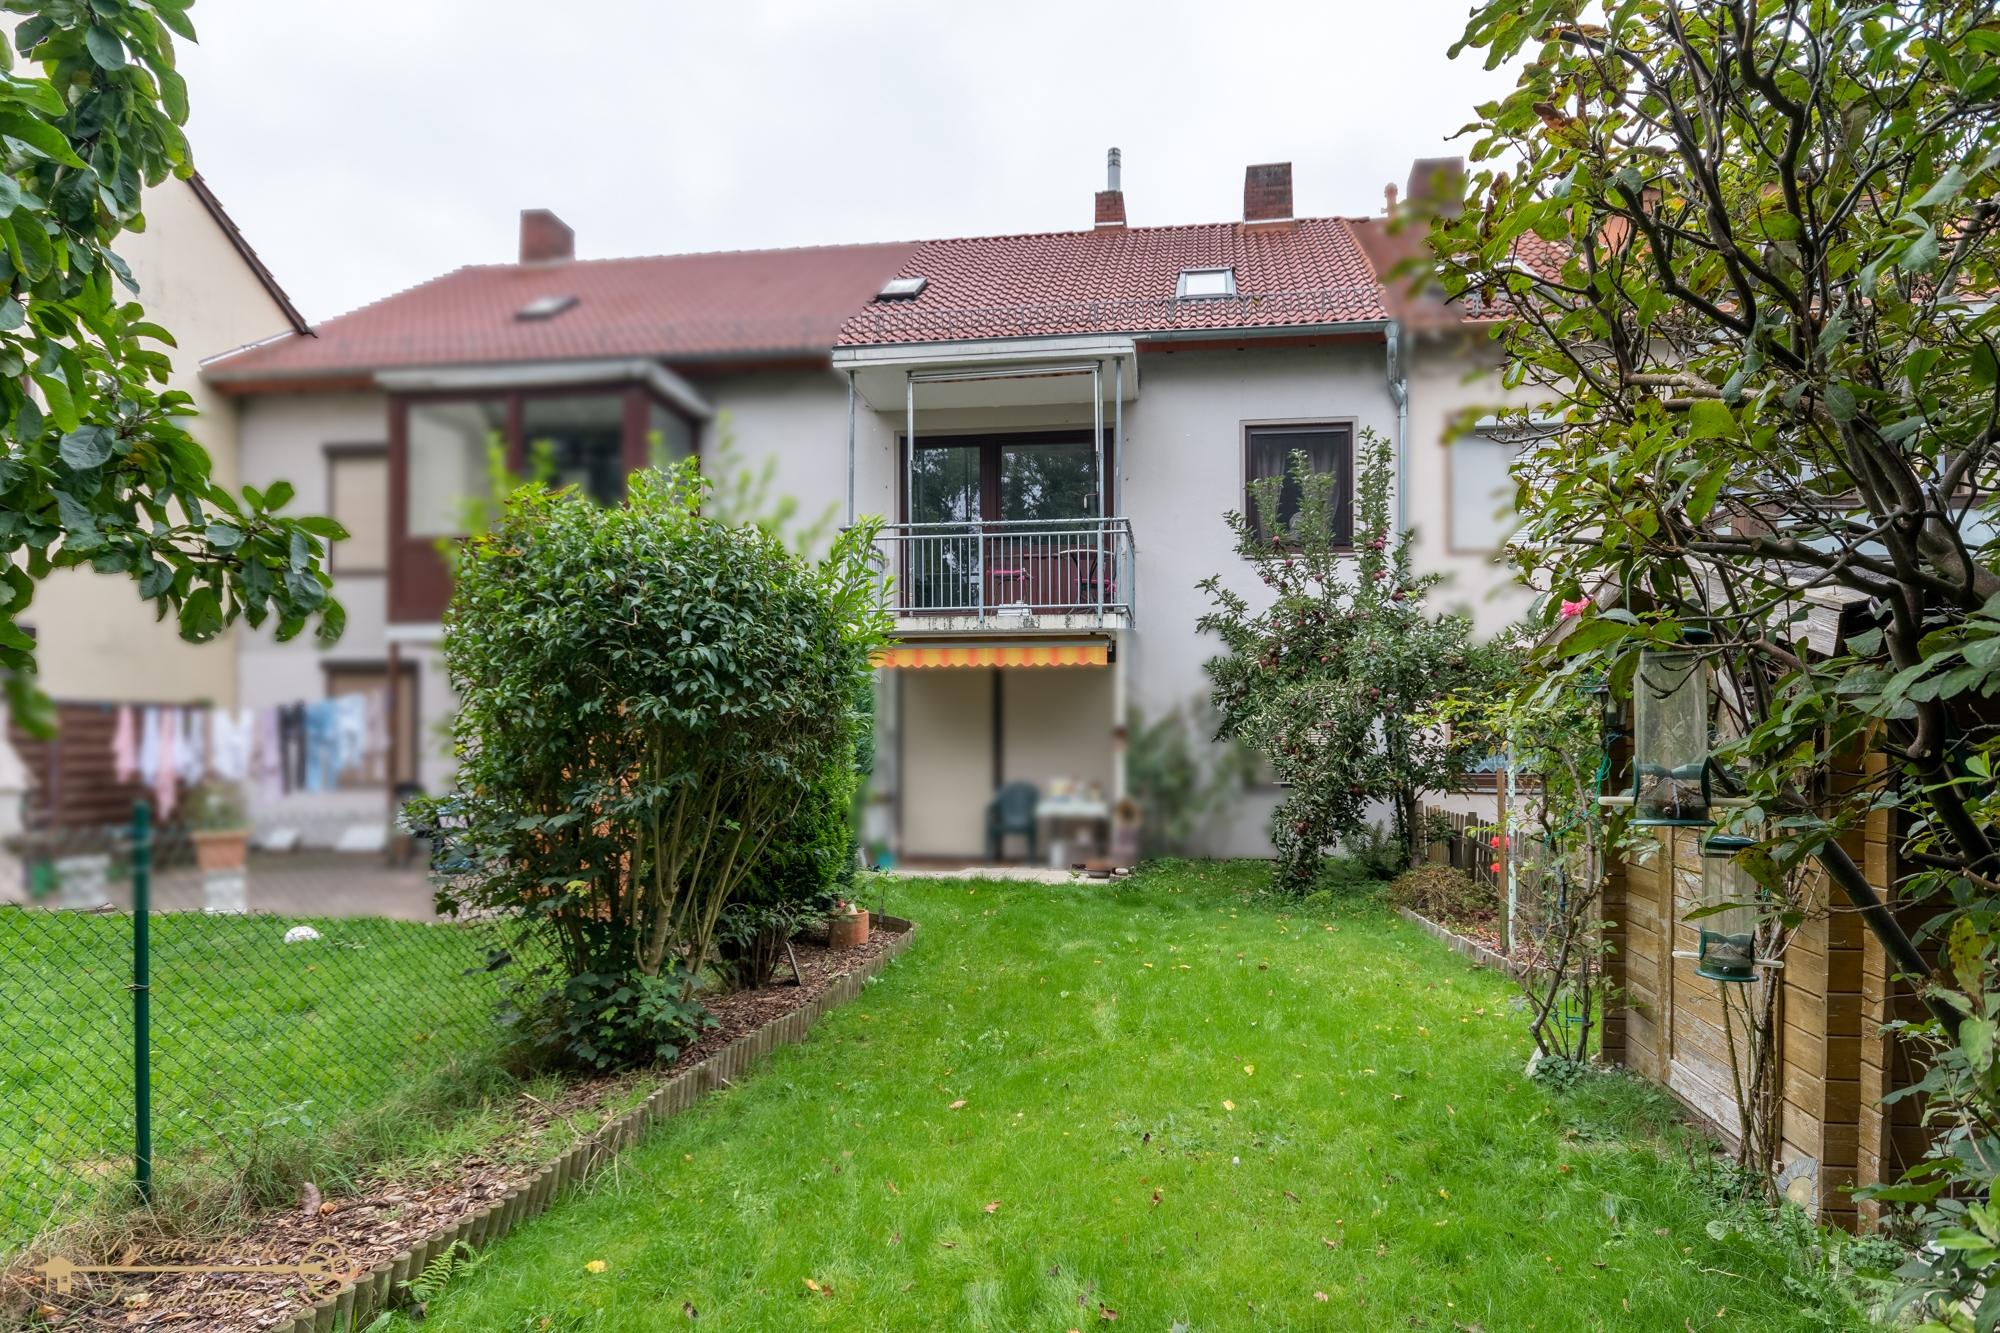 2020-10-03-Breitenbach-Immobilien-19